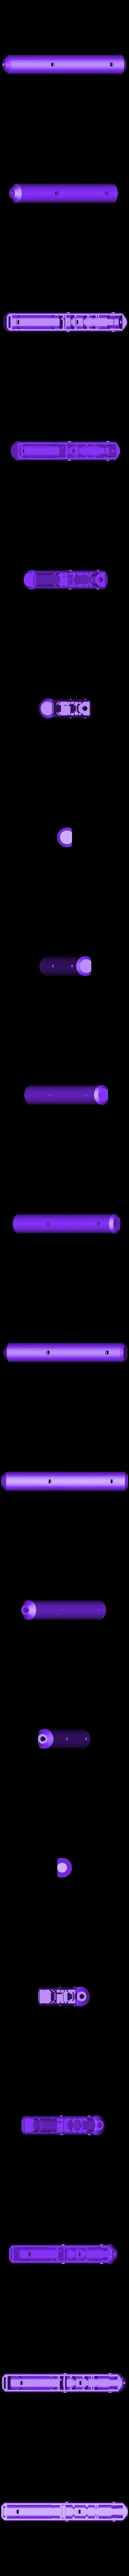 Corpse_v2.stl Télécharger fichier STL gratuit Tournevis électrique sans fil. v2 • Objet à imprimer en 3D, SiberK